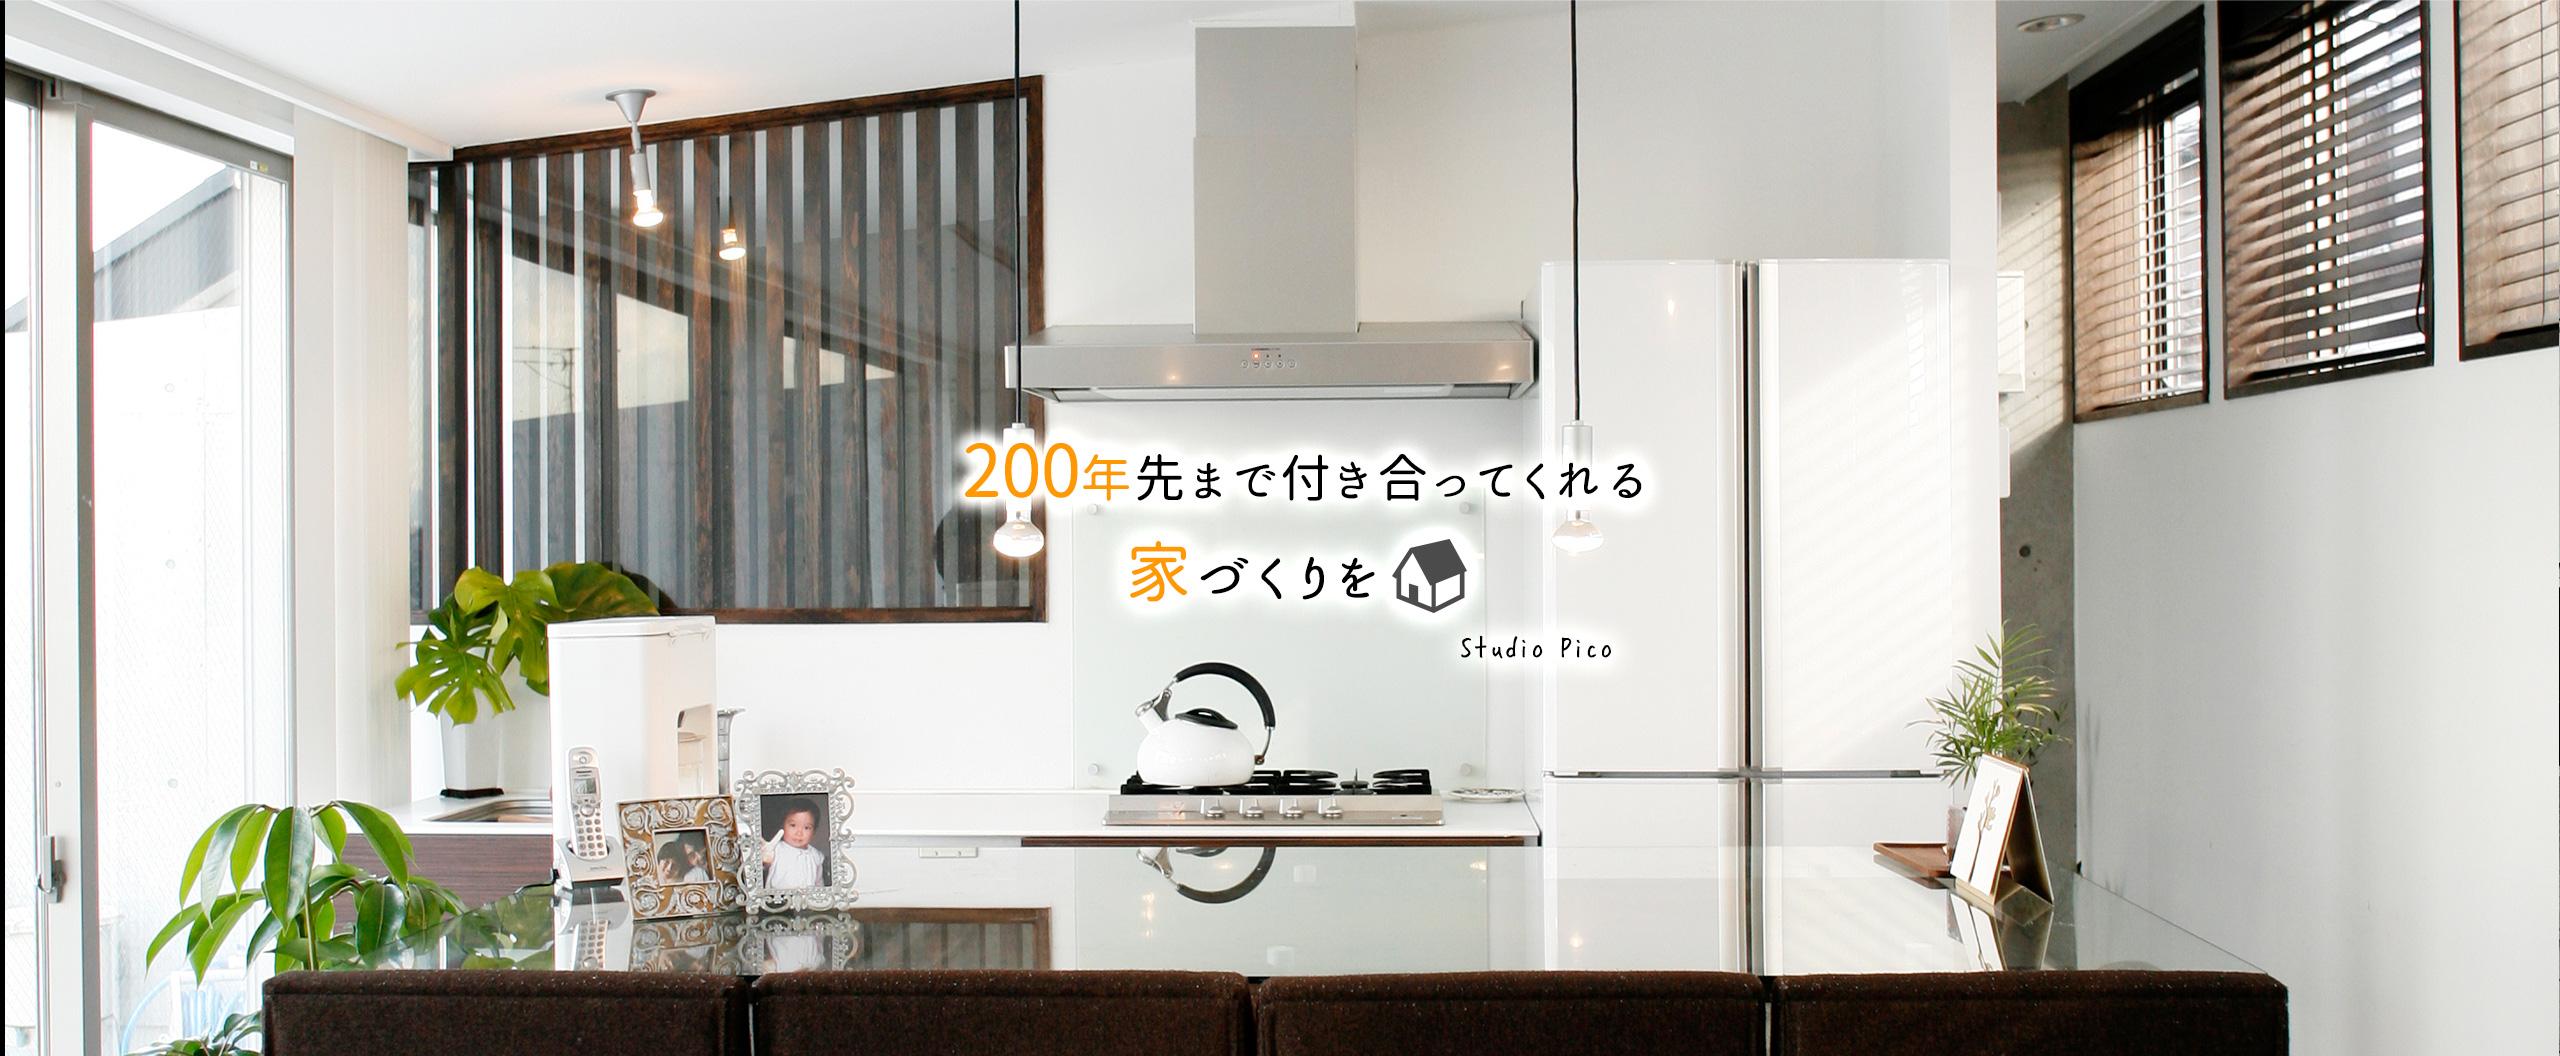 横浜・湘南地域で、施主の想いを形にするオープンシステム(分離発注)の家づくり